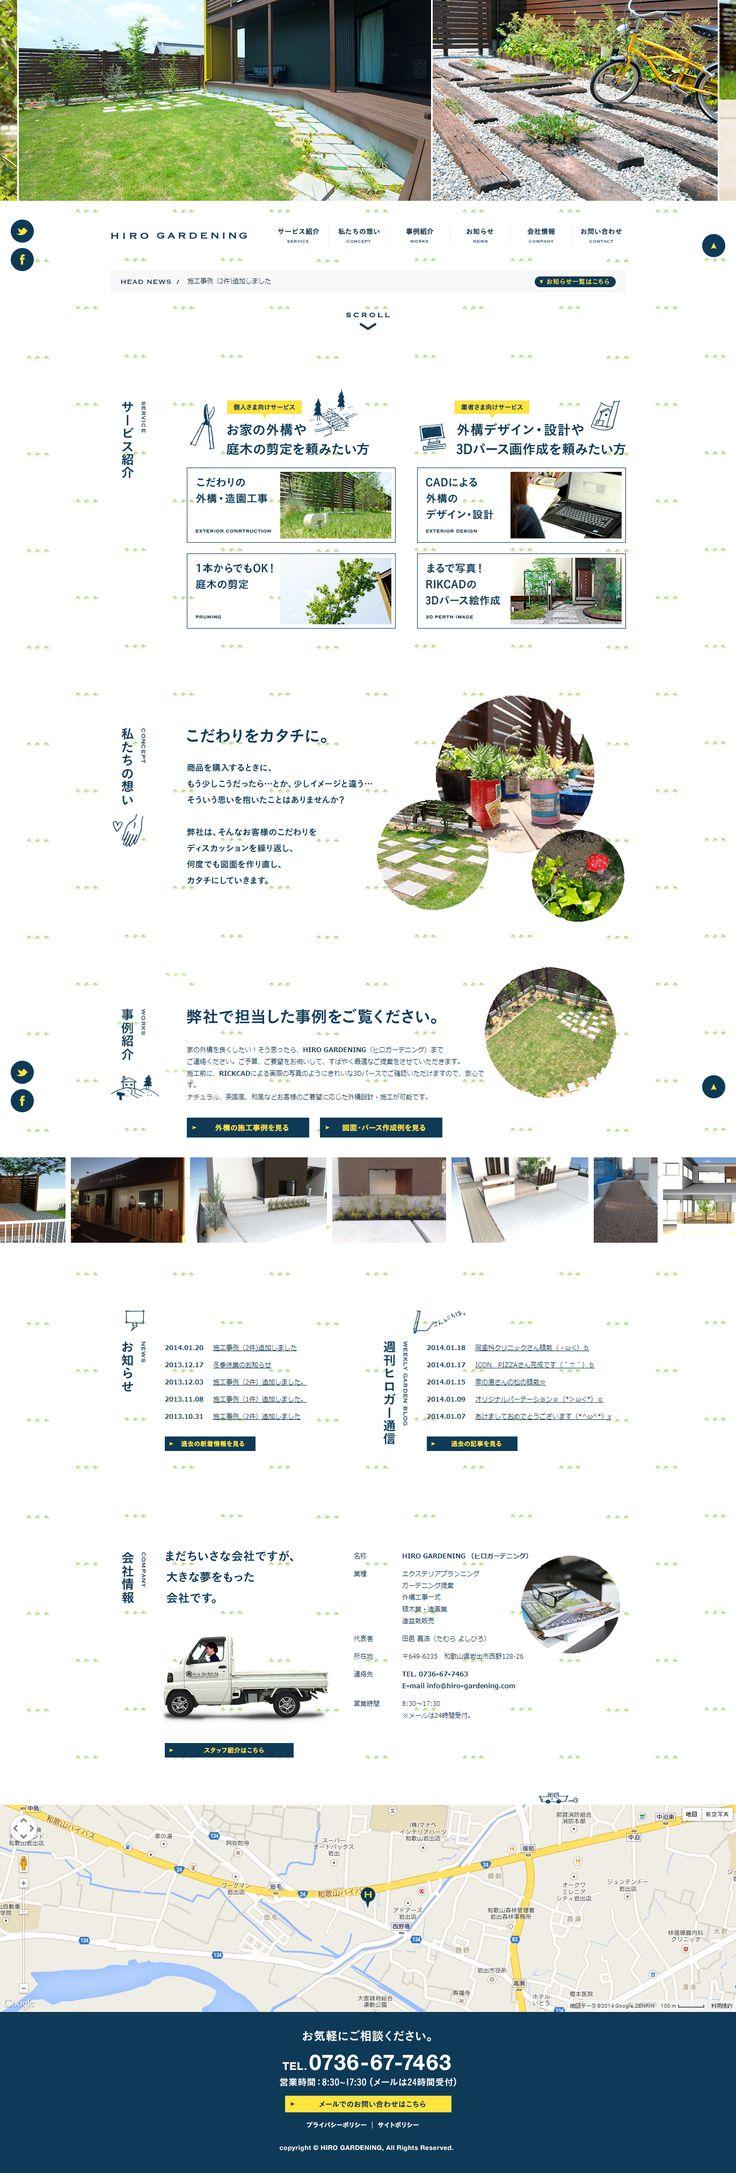 和歌山|庭|外・|造園|CAD図面|3Dパース作成|ヒロガーデニング(HIRO GARDENING)|